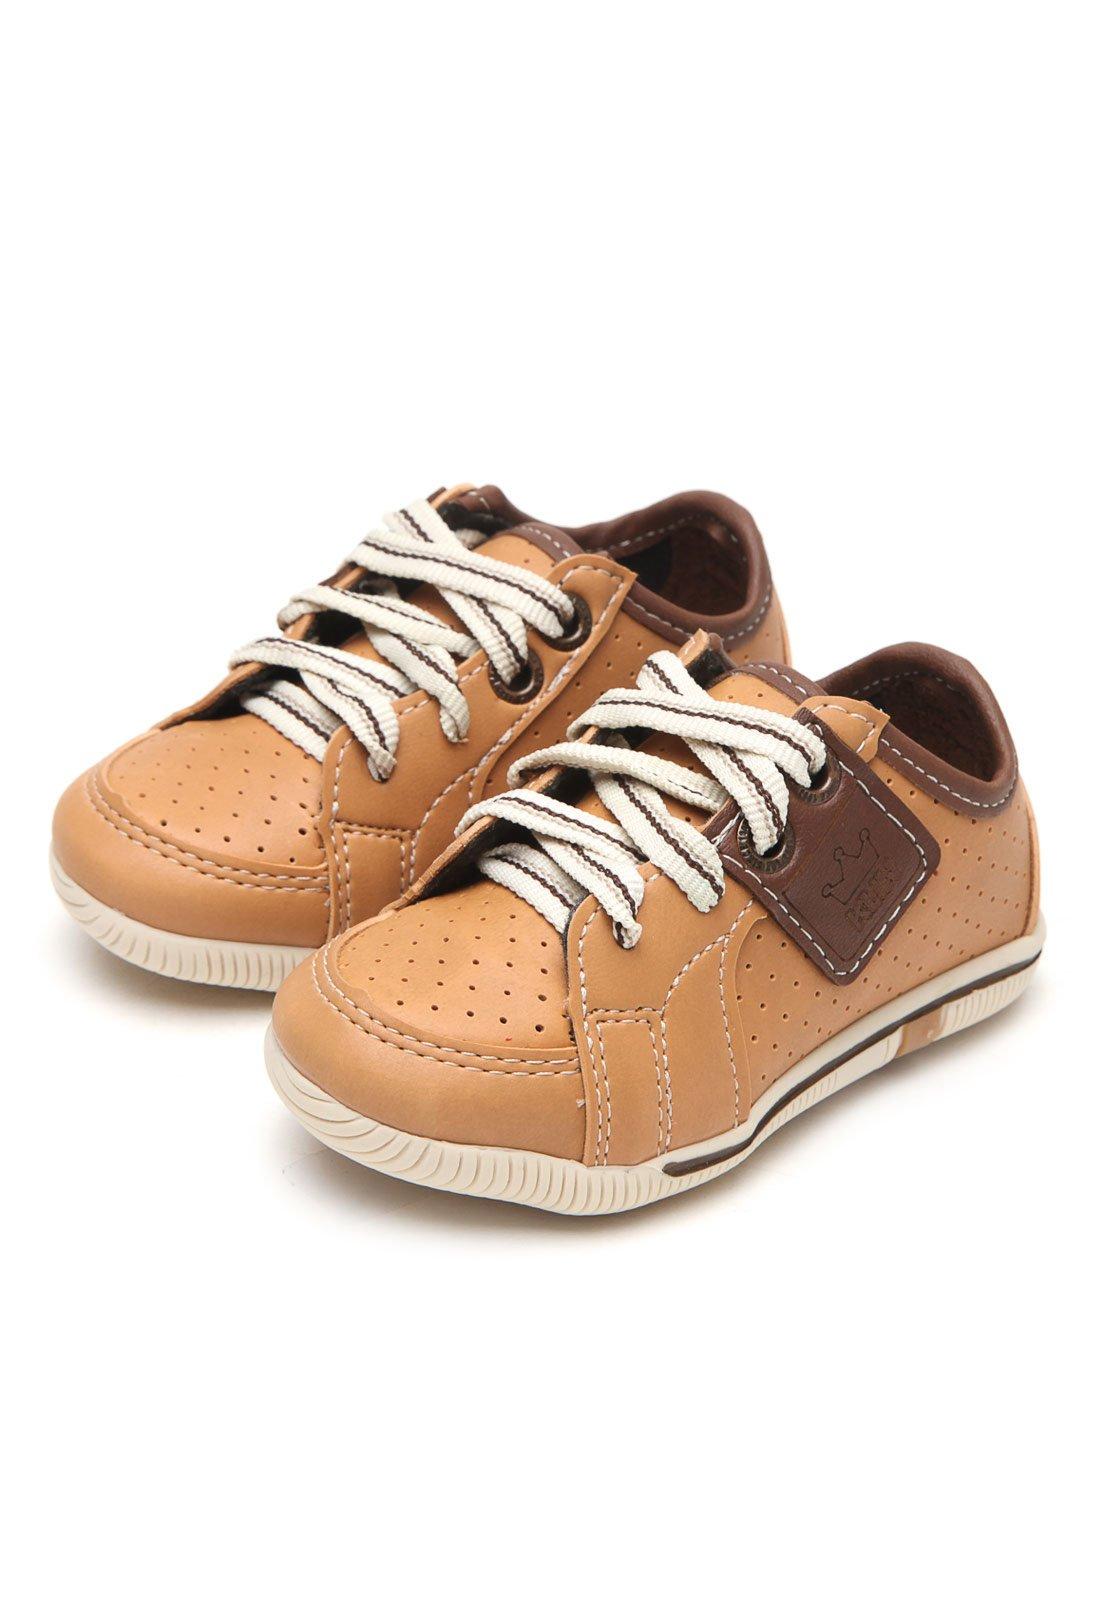 74c5647cc Top marcas de calçados infantis | Blog Tricae